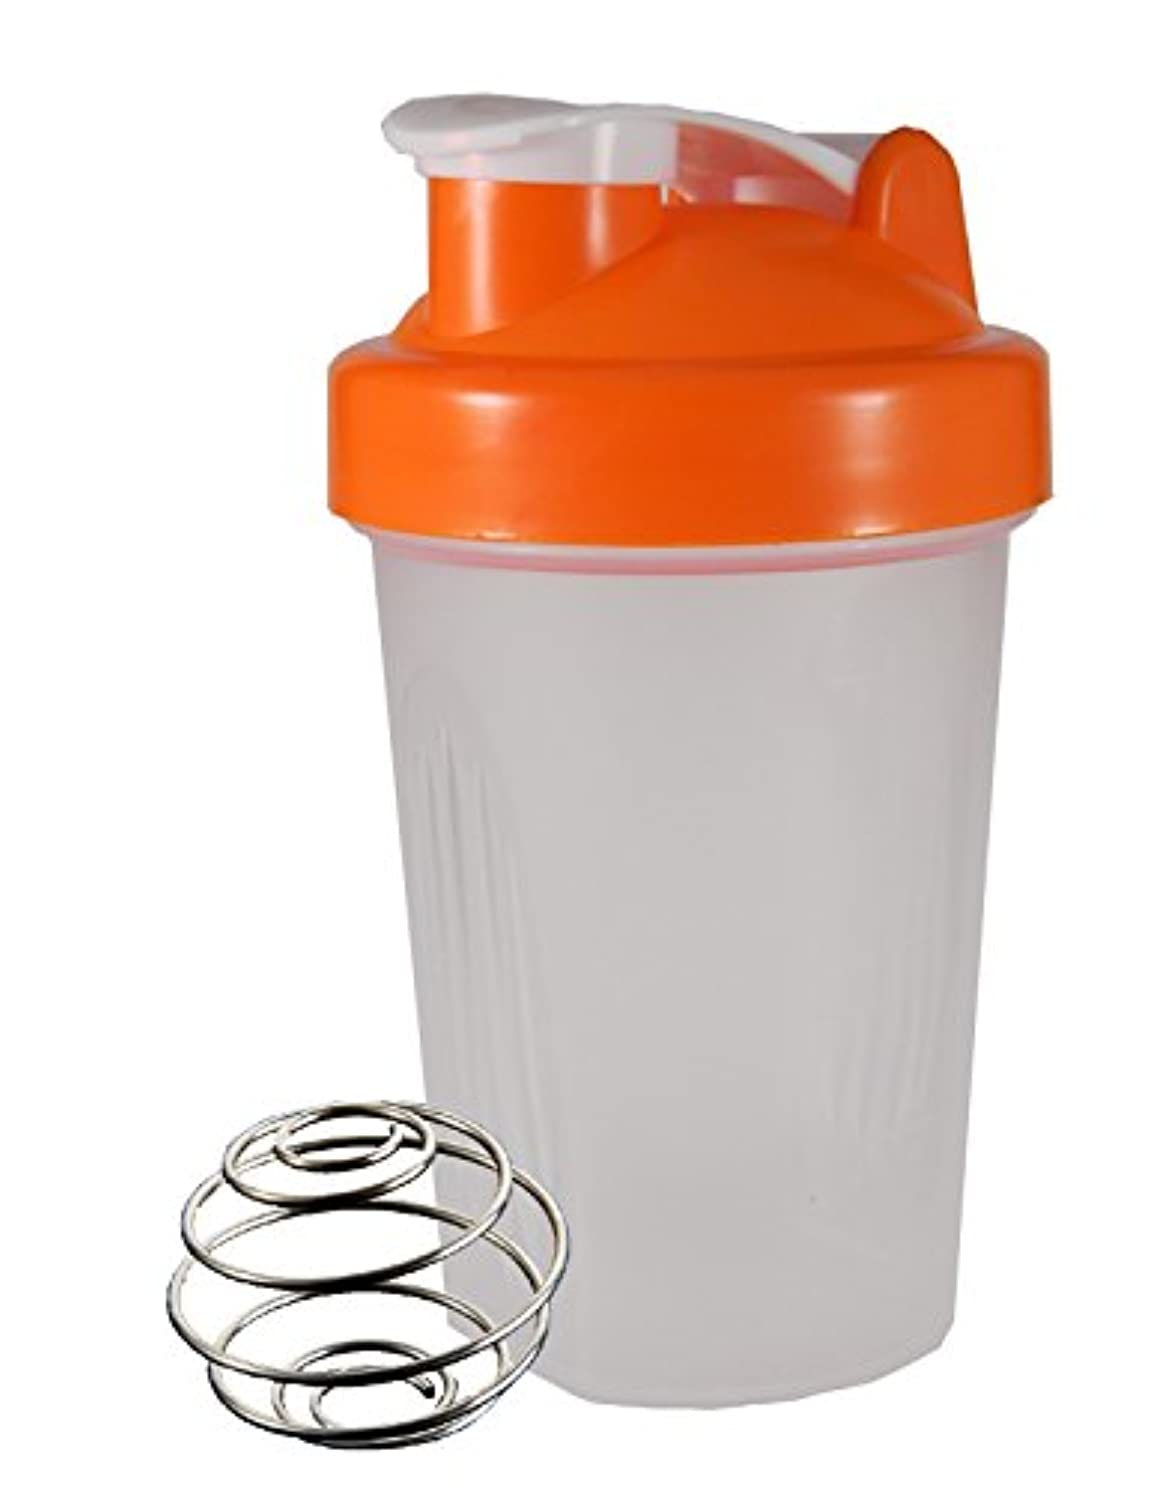 ラグちょうつがい熱心なノーブランド シェーカーボトル 400ml (オレンジ)